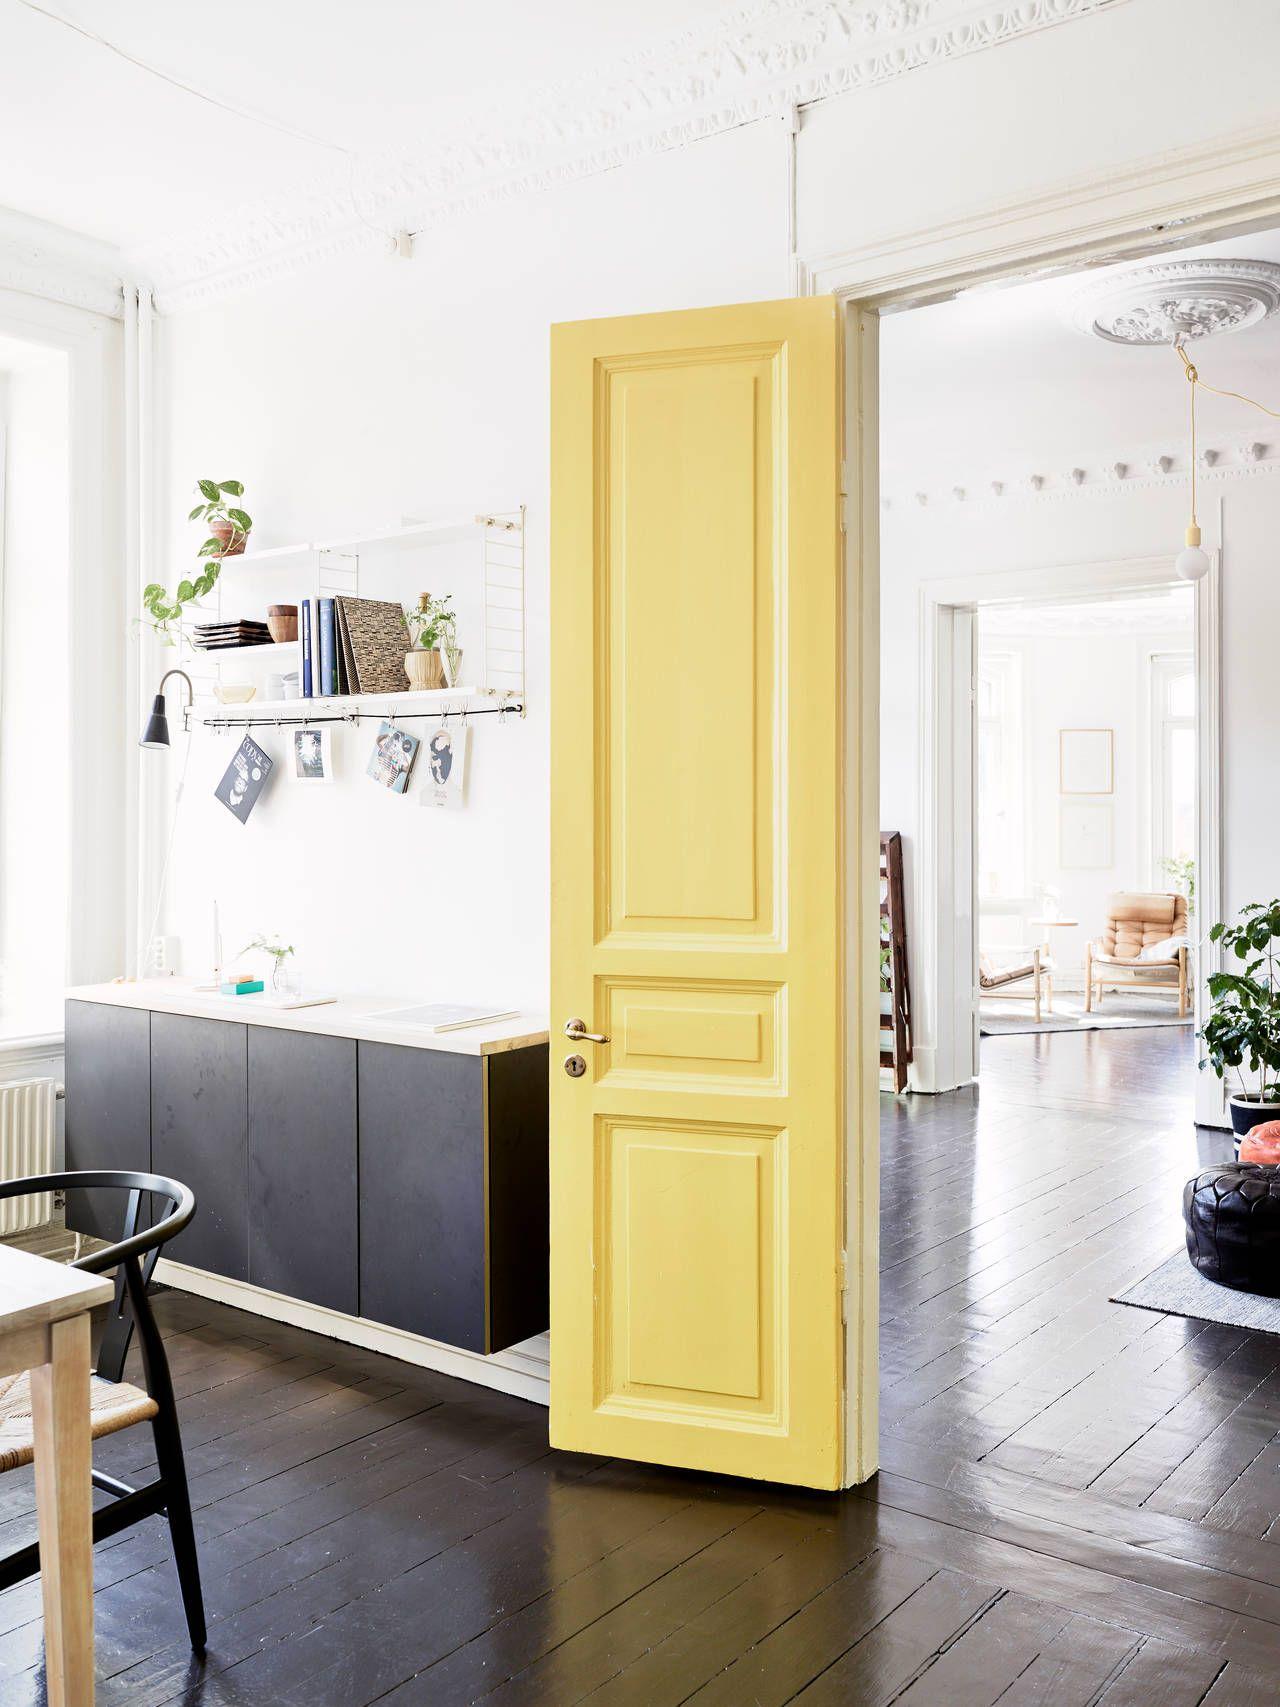 Dipingere Le Porte Di Casa 7 motivi per dipingere le porte di casa | interni gialli